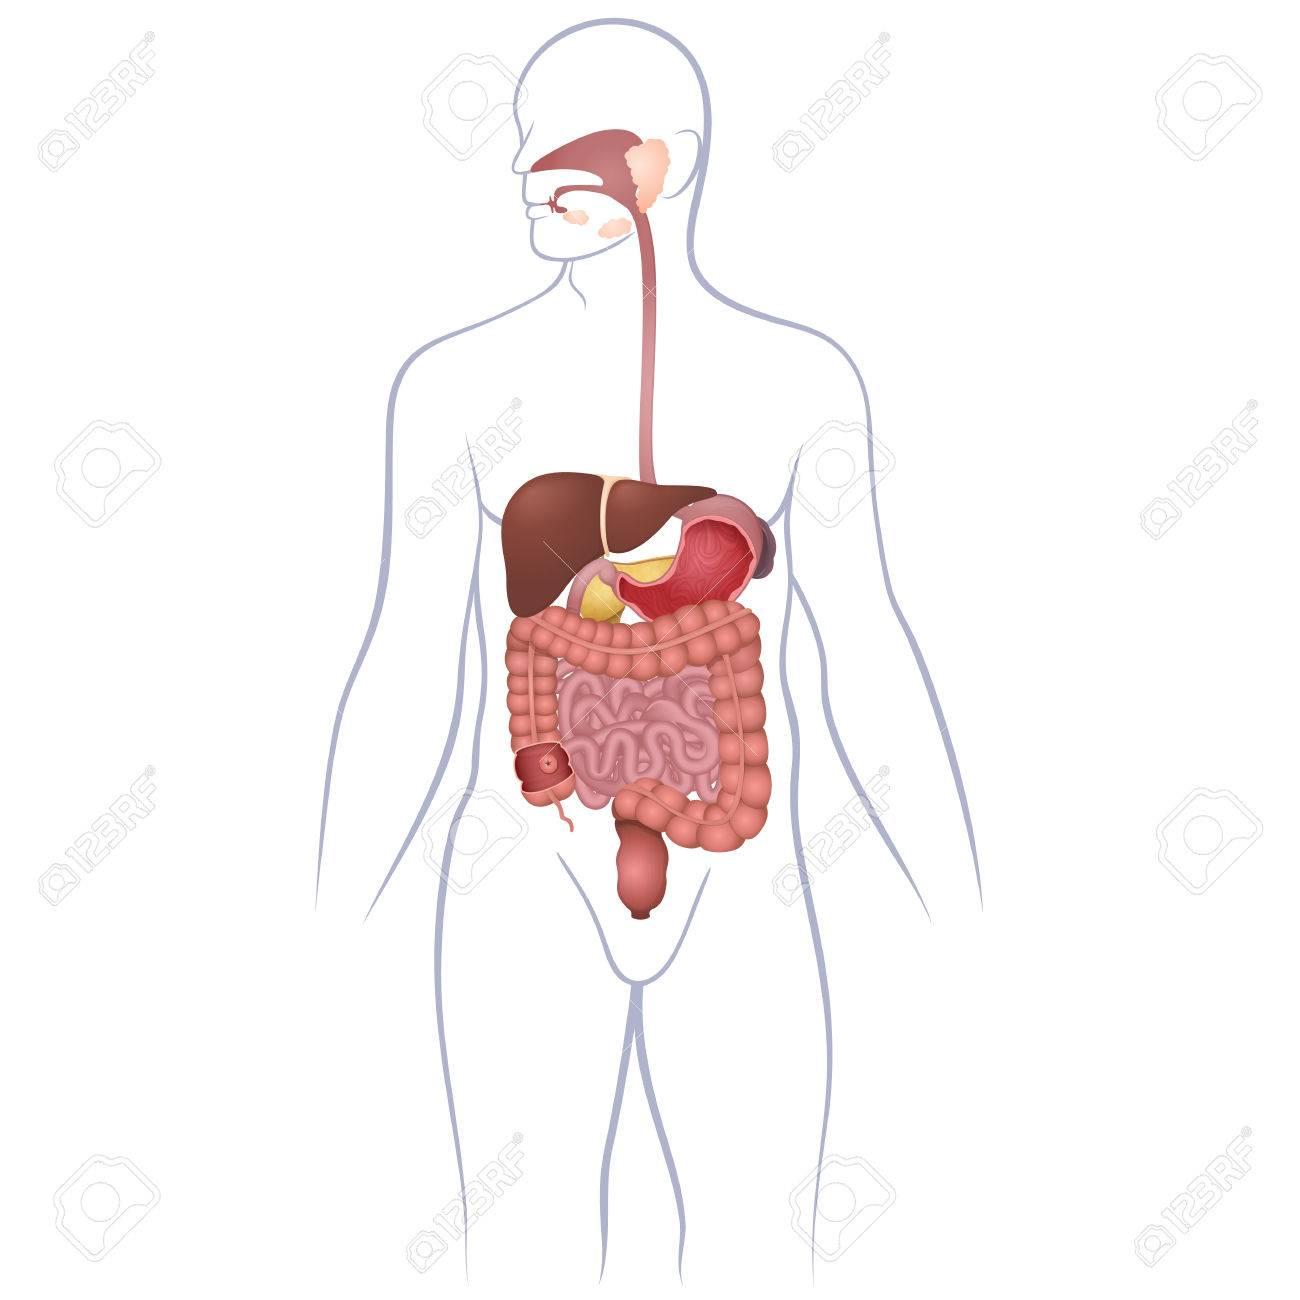 Die Lage Des Gastrointestinaltraktes In Den Körper, Das Menschliche ...